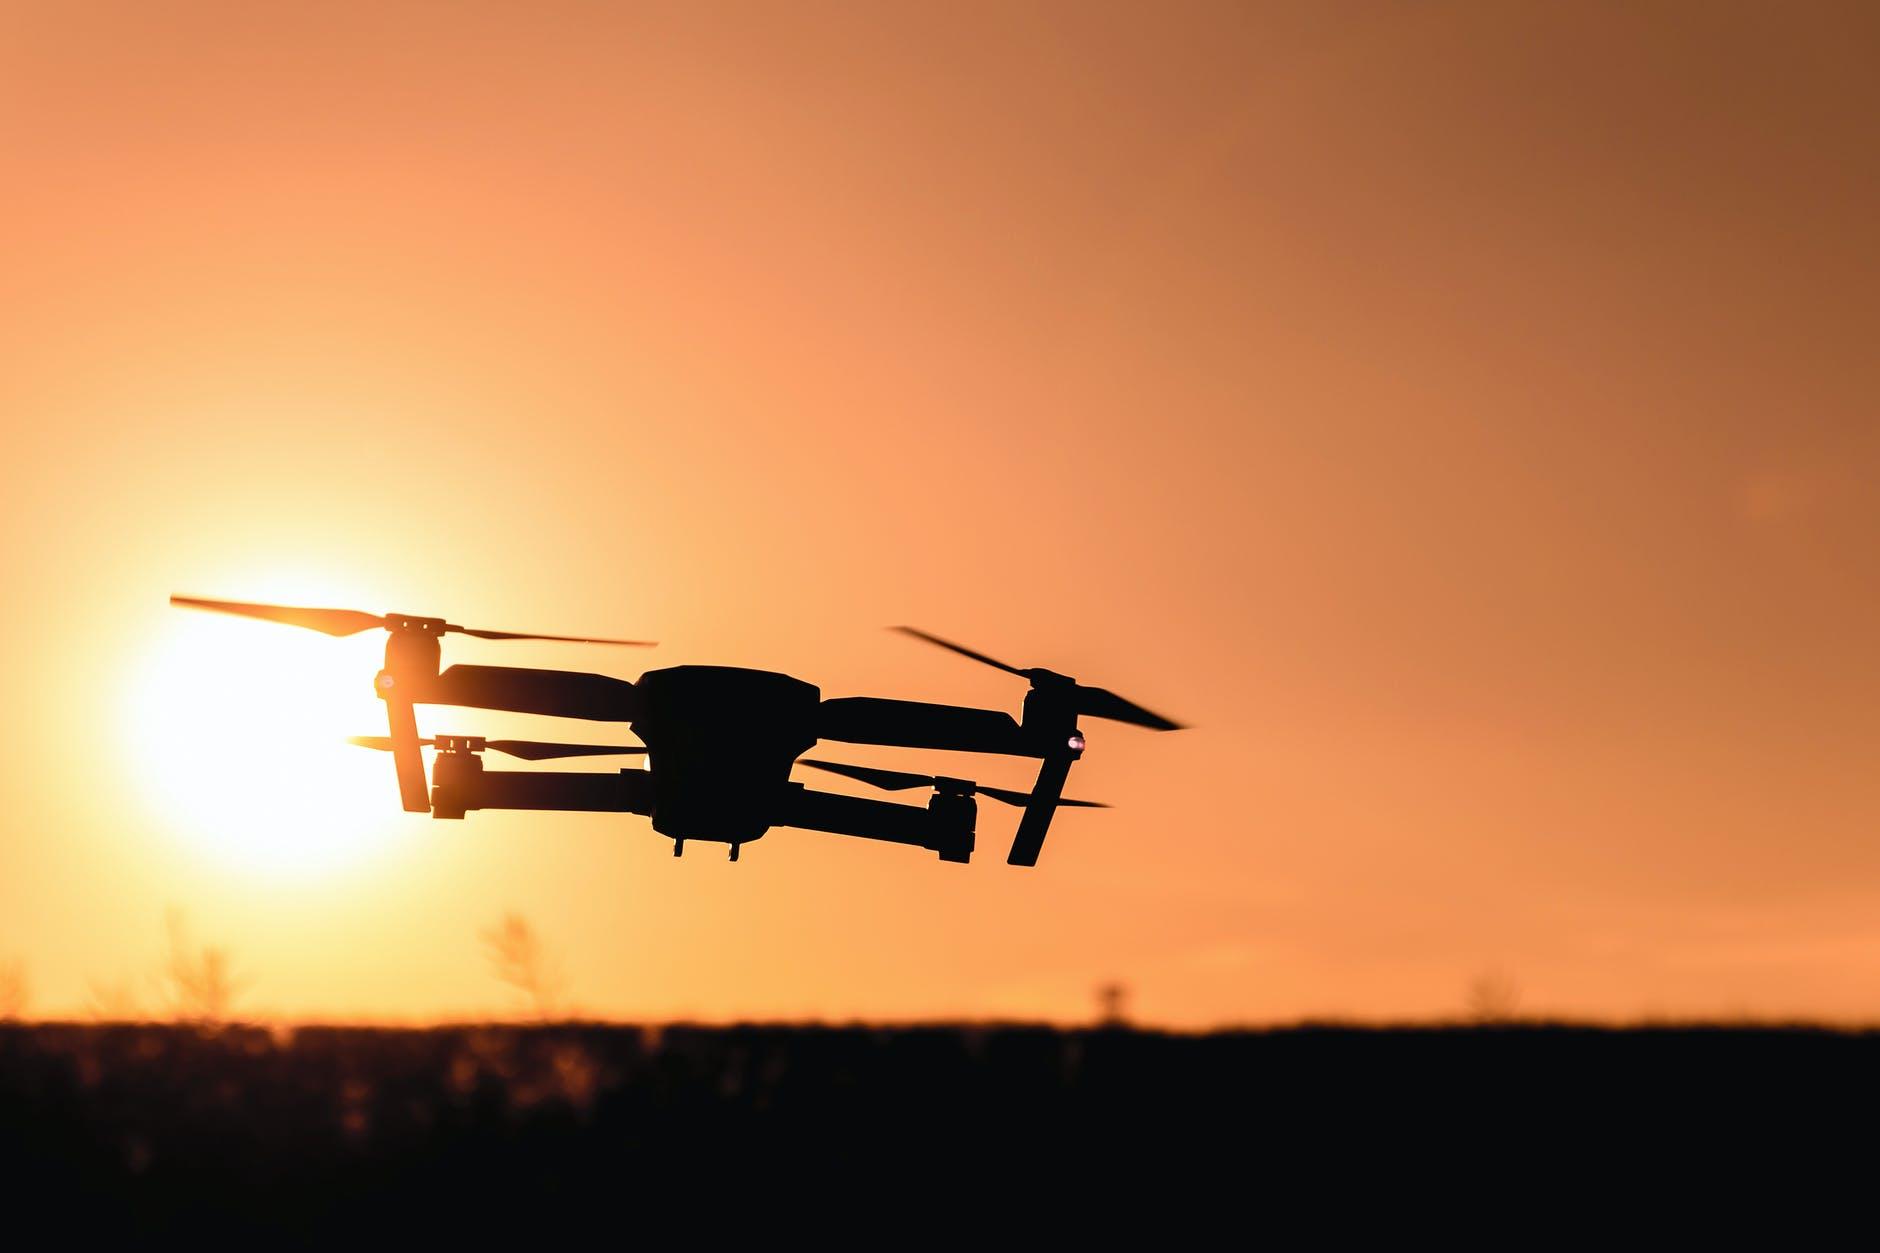 Доставка дронами, розумний смітник та видалення російських ботів — останні новини зі світу технологій